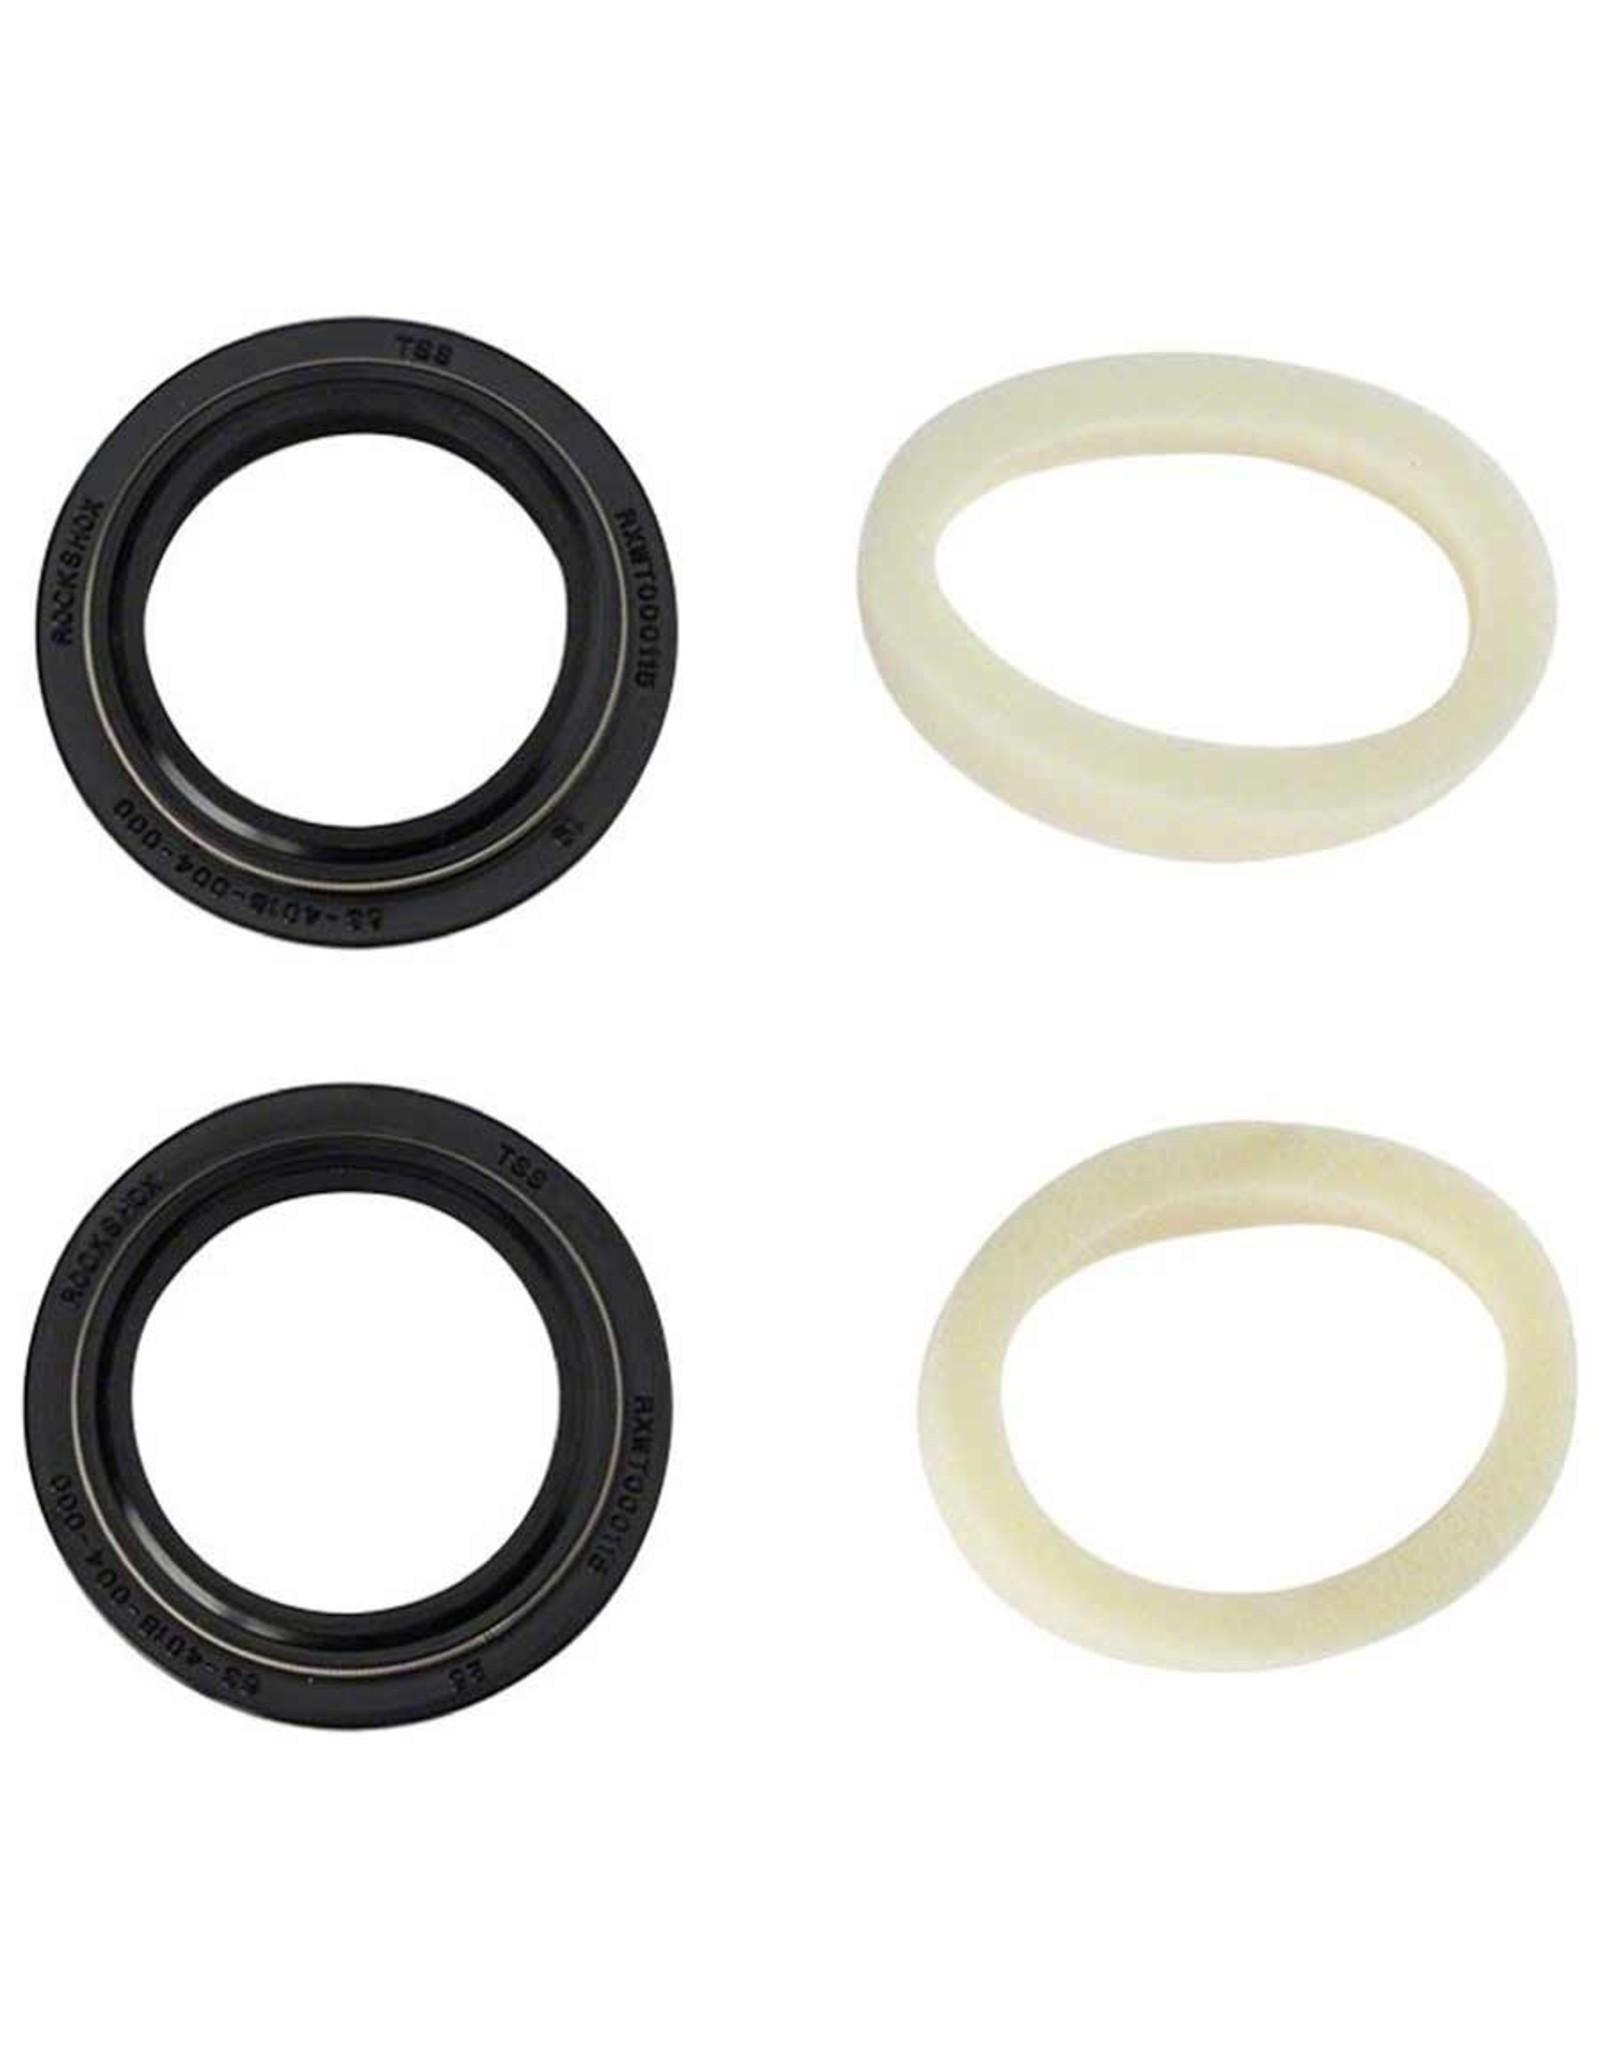 ROCKSHOX RockShox  Dust seal with foam ring 32mm/ 10mm